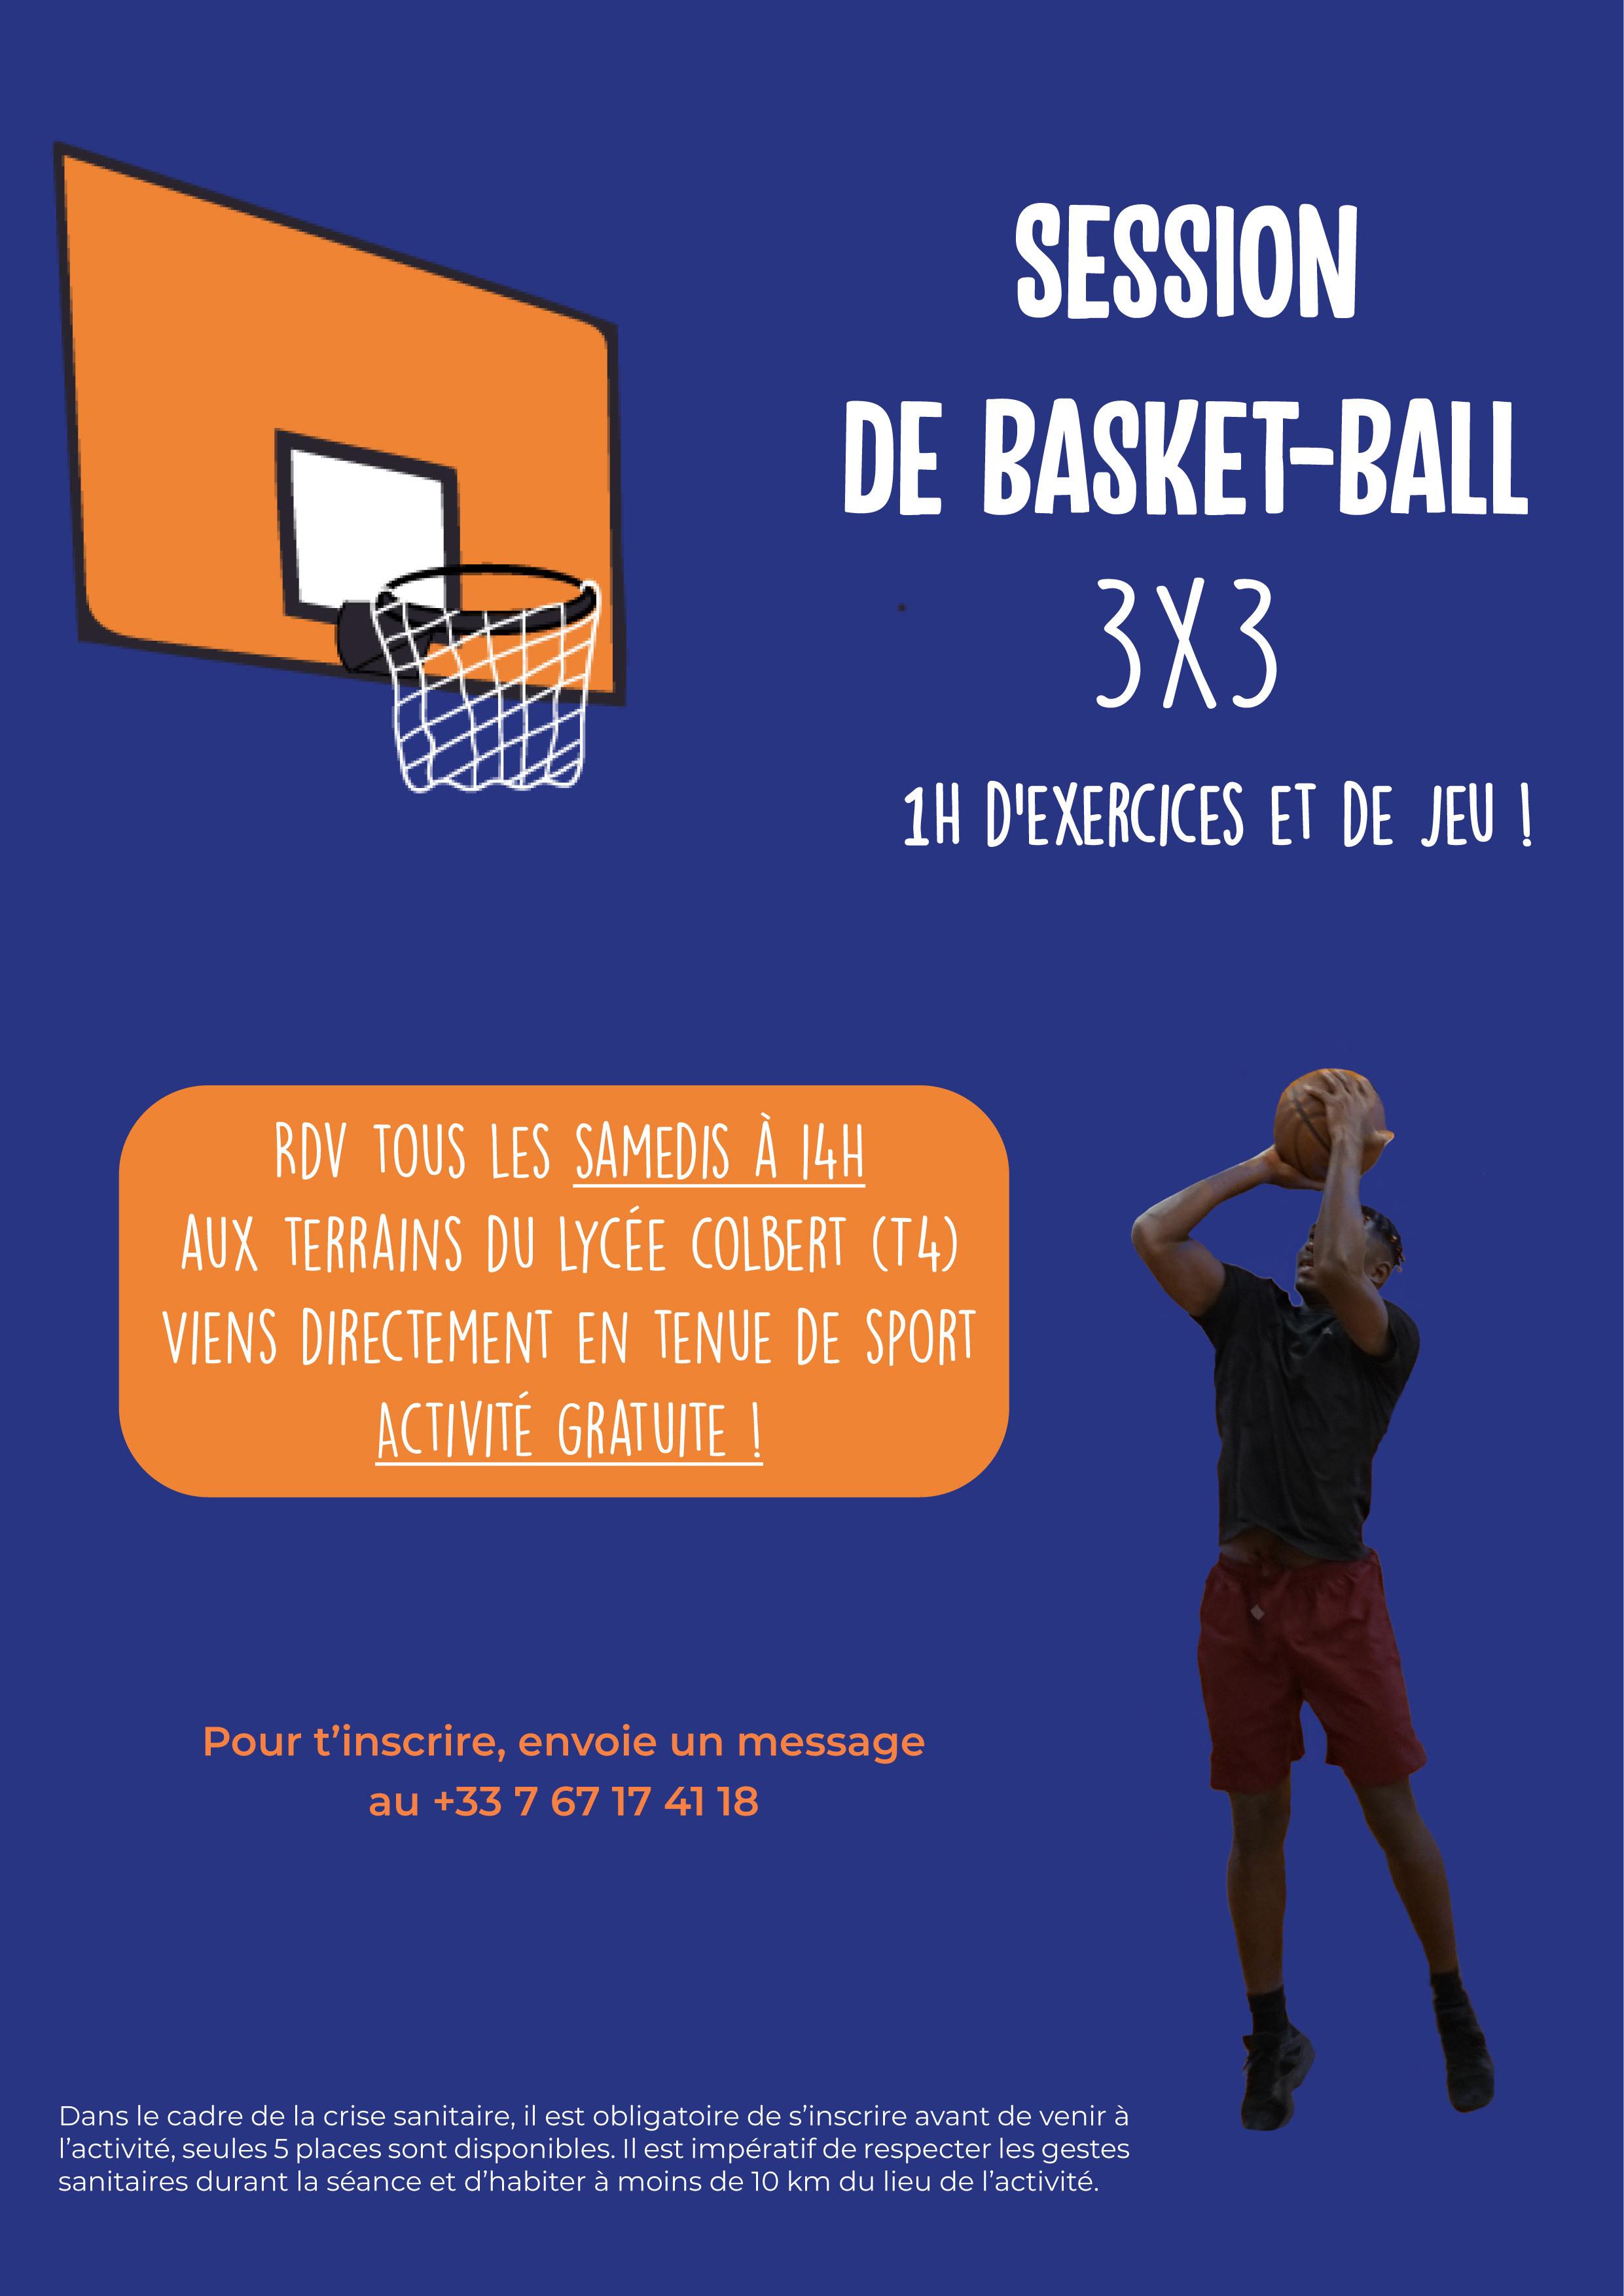 LYON - Basket 3x3 du samedi